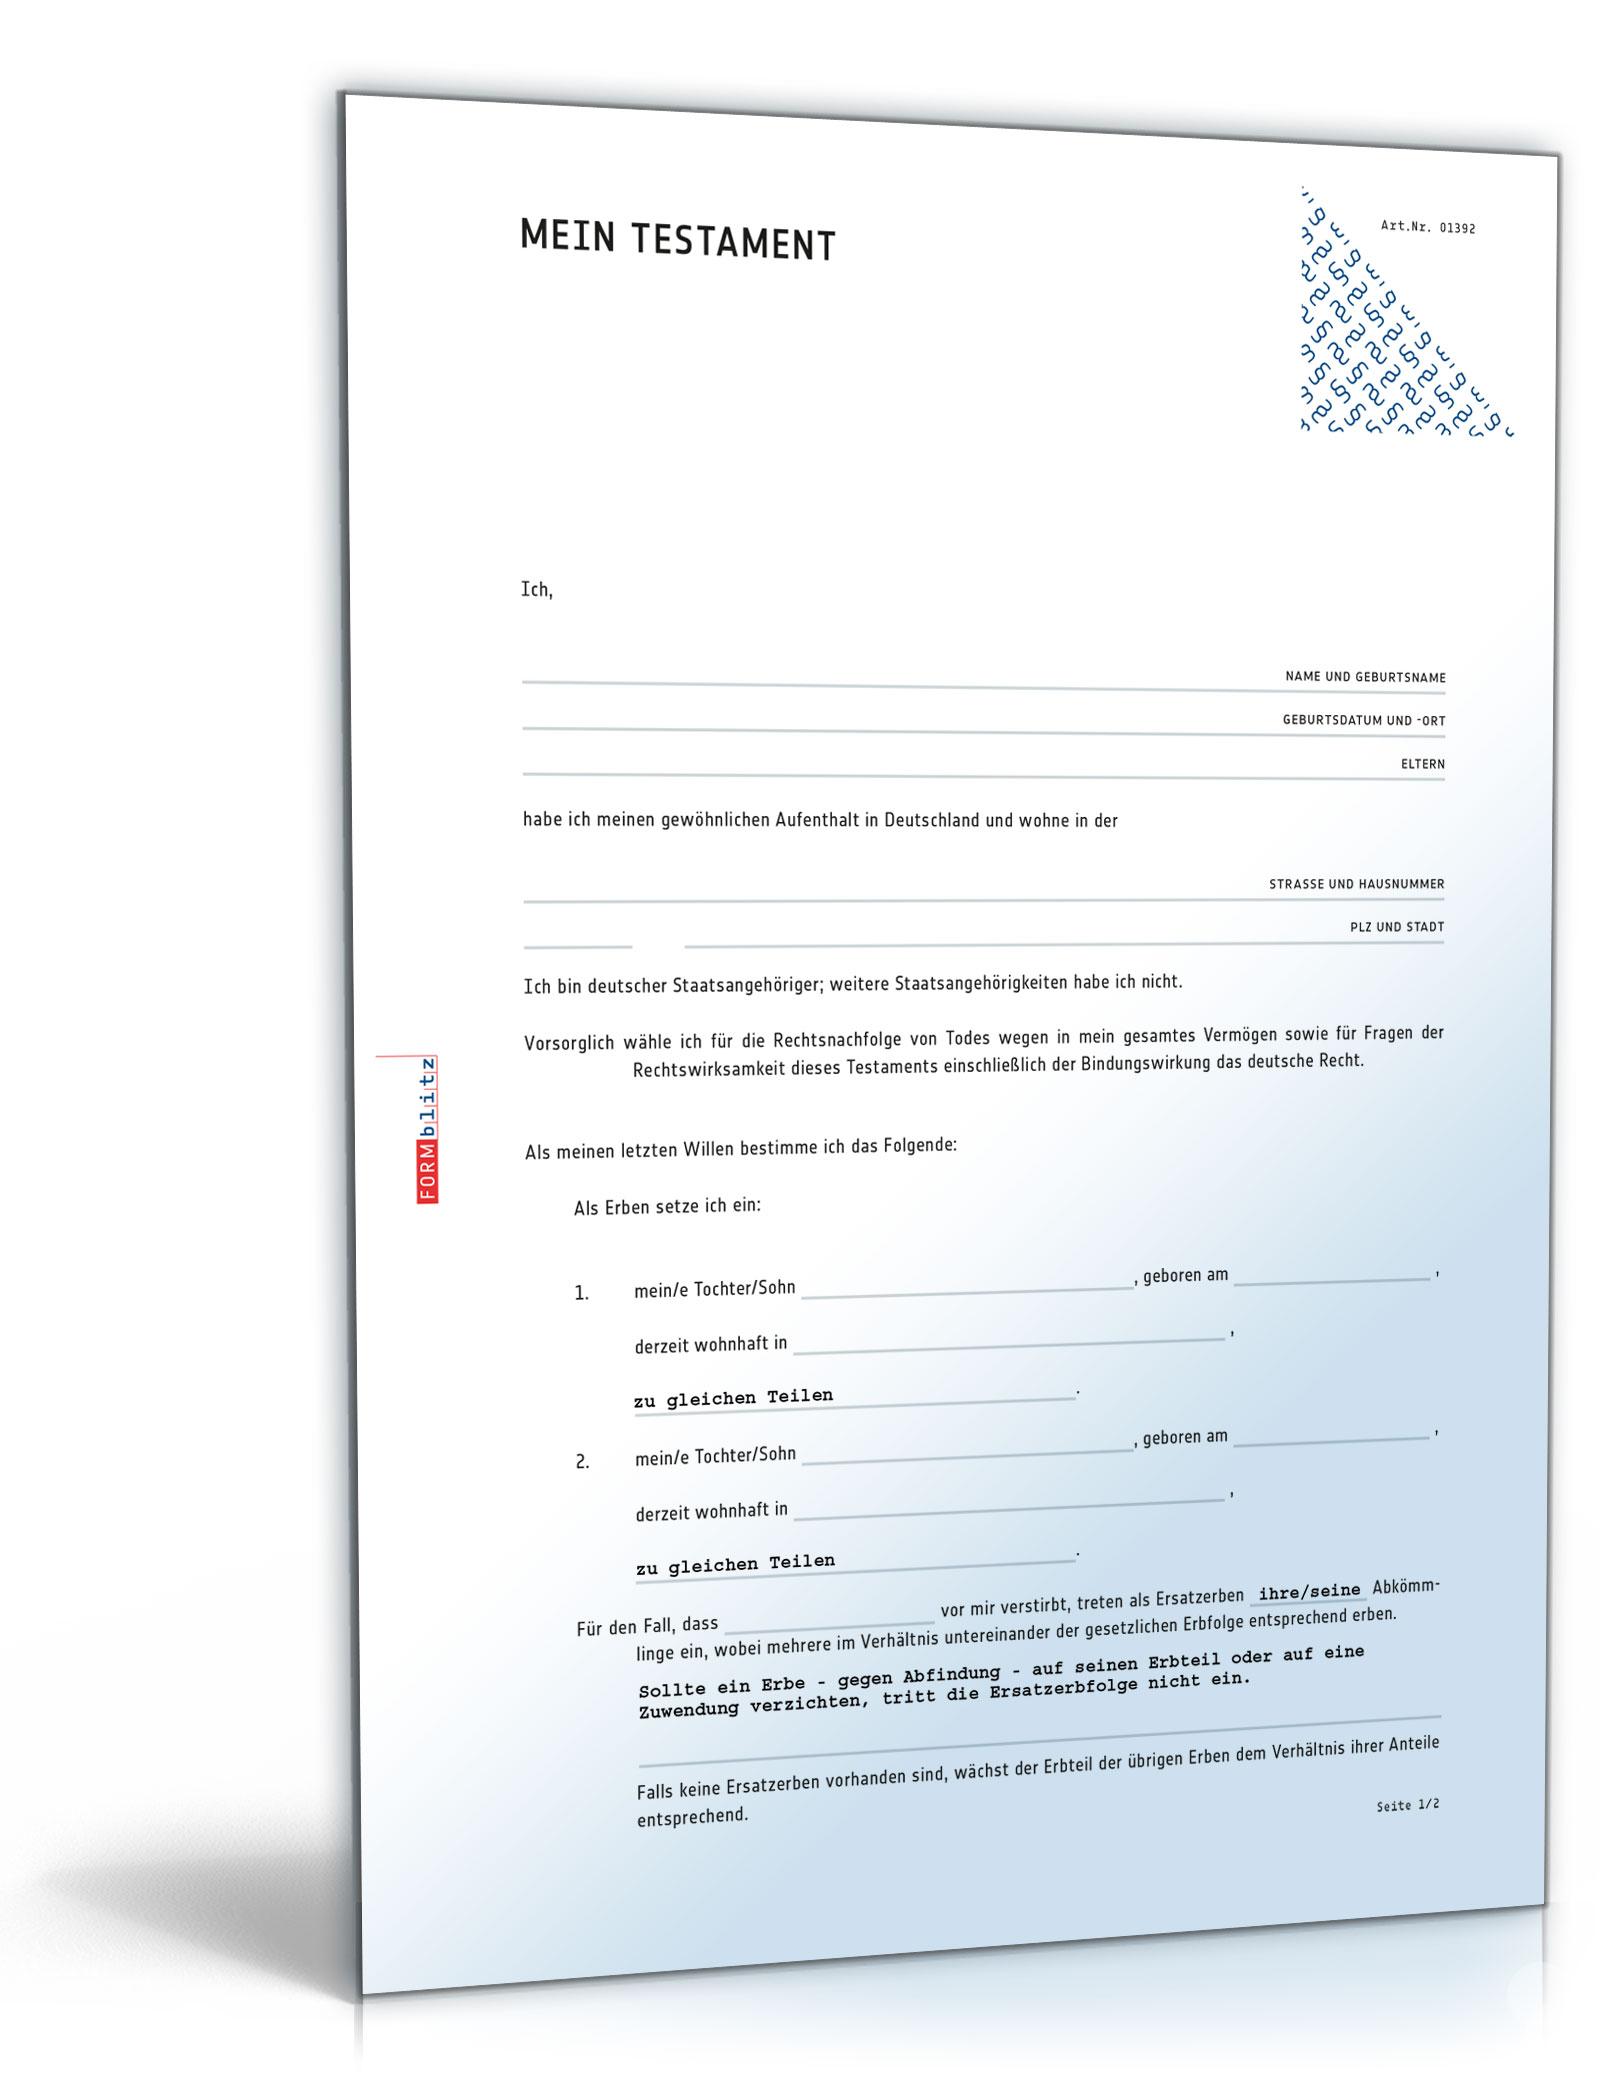 Vorlagen Paket Testamente Zip Ordner Download Amazonde Software